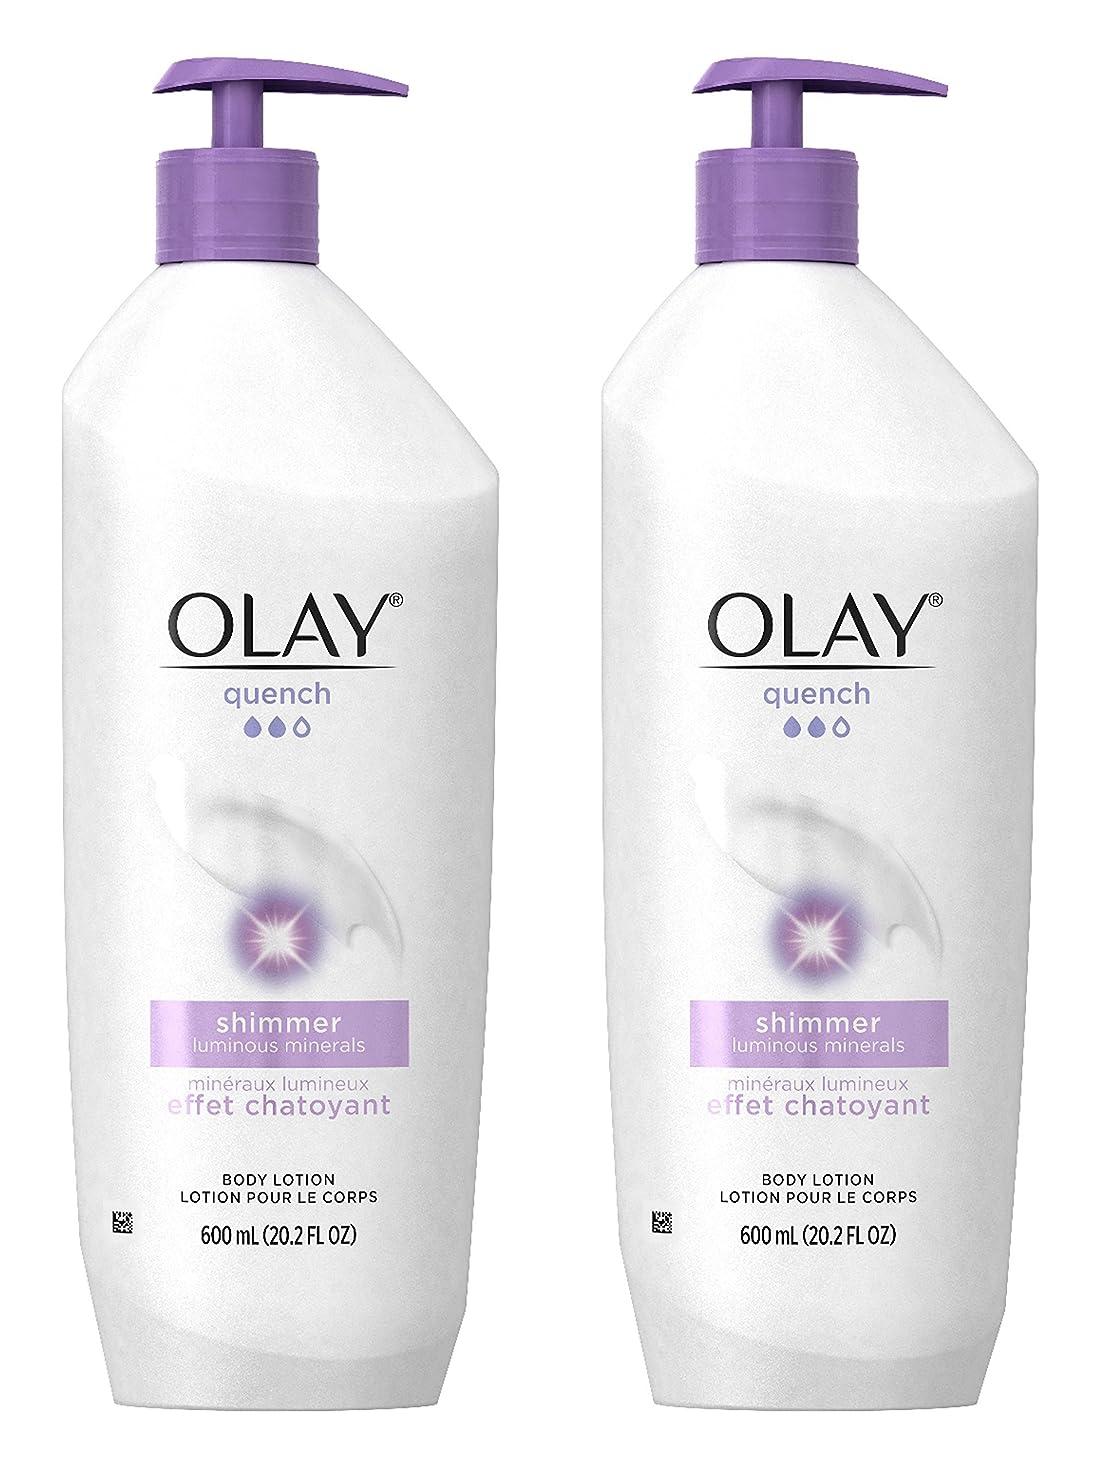 敬外国人妥協Olay Quench Daily Lotion Plus Shimmer Body Lotion 20.2 Fl Oz (Pack of 2) by Olay [並行輸入品]